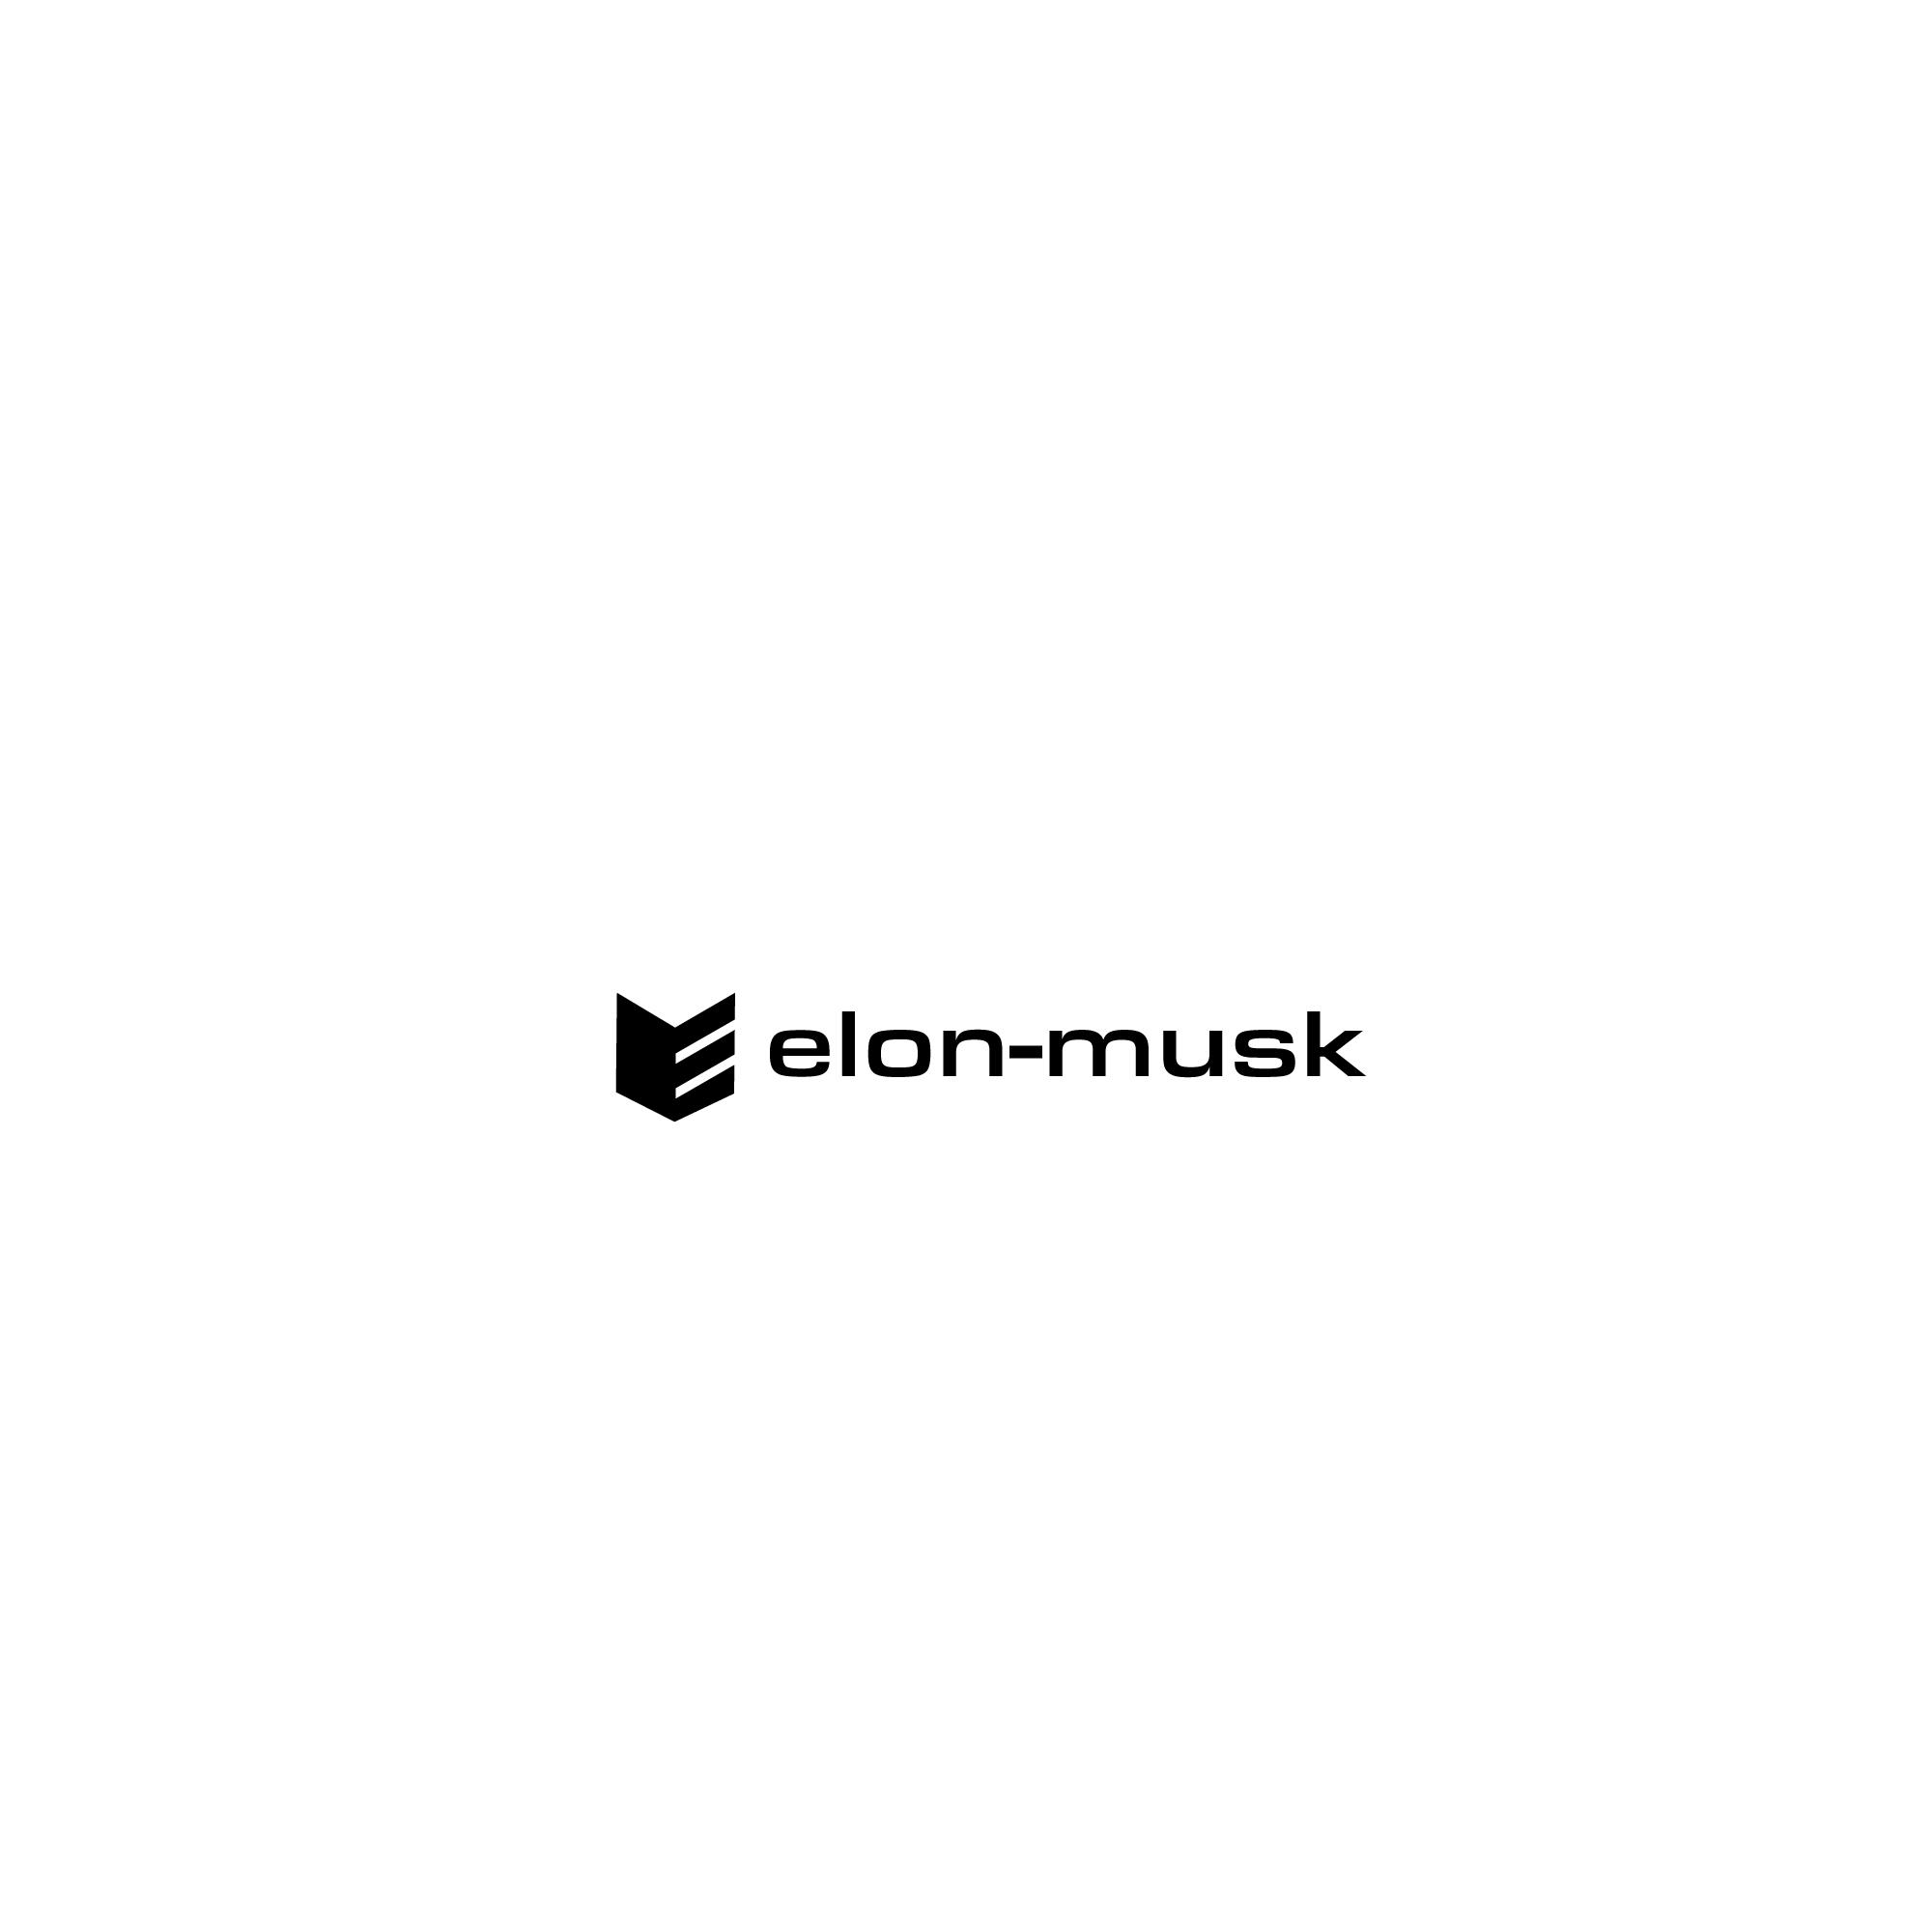 Логотип для новостного сайта  фото f_2595b72136a5b546.jpg